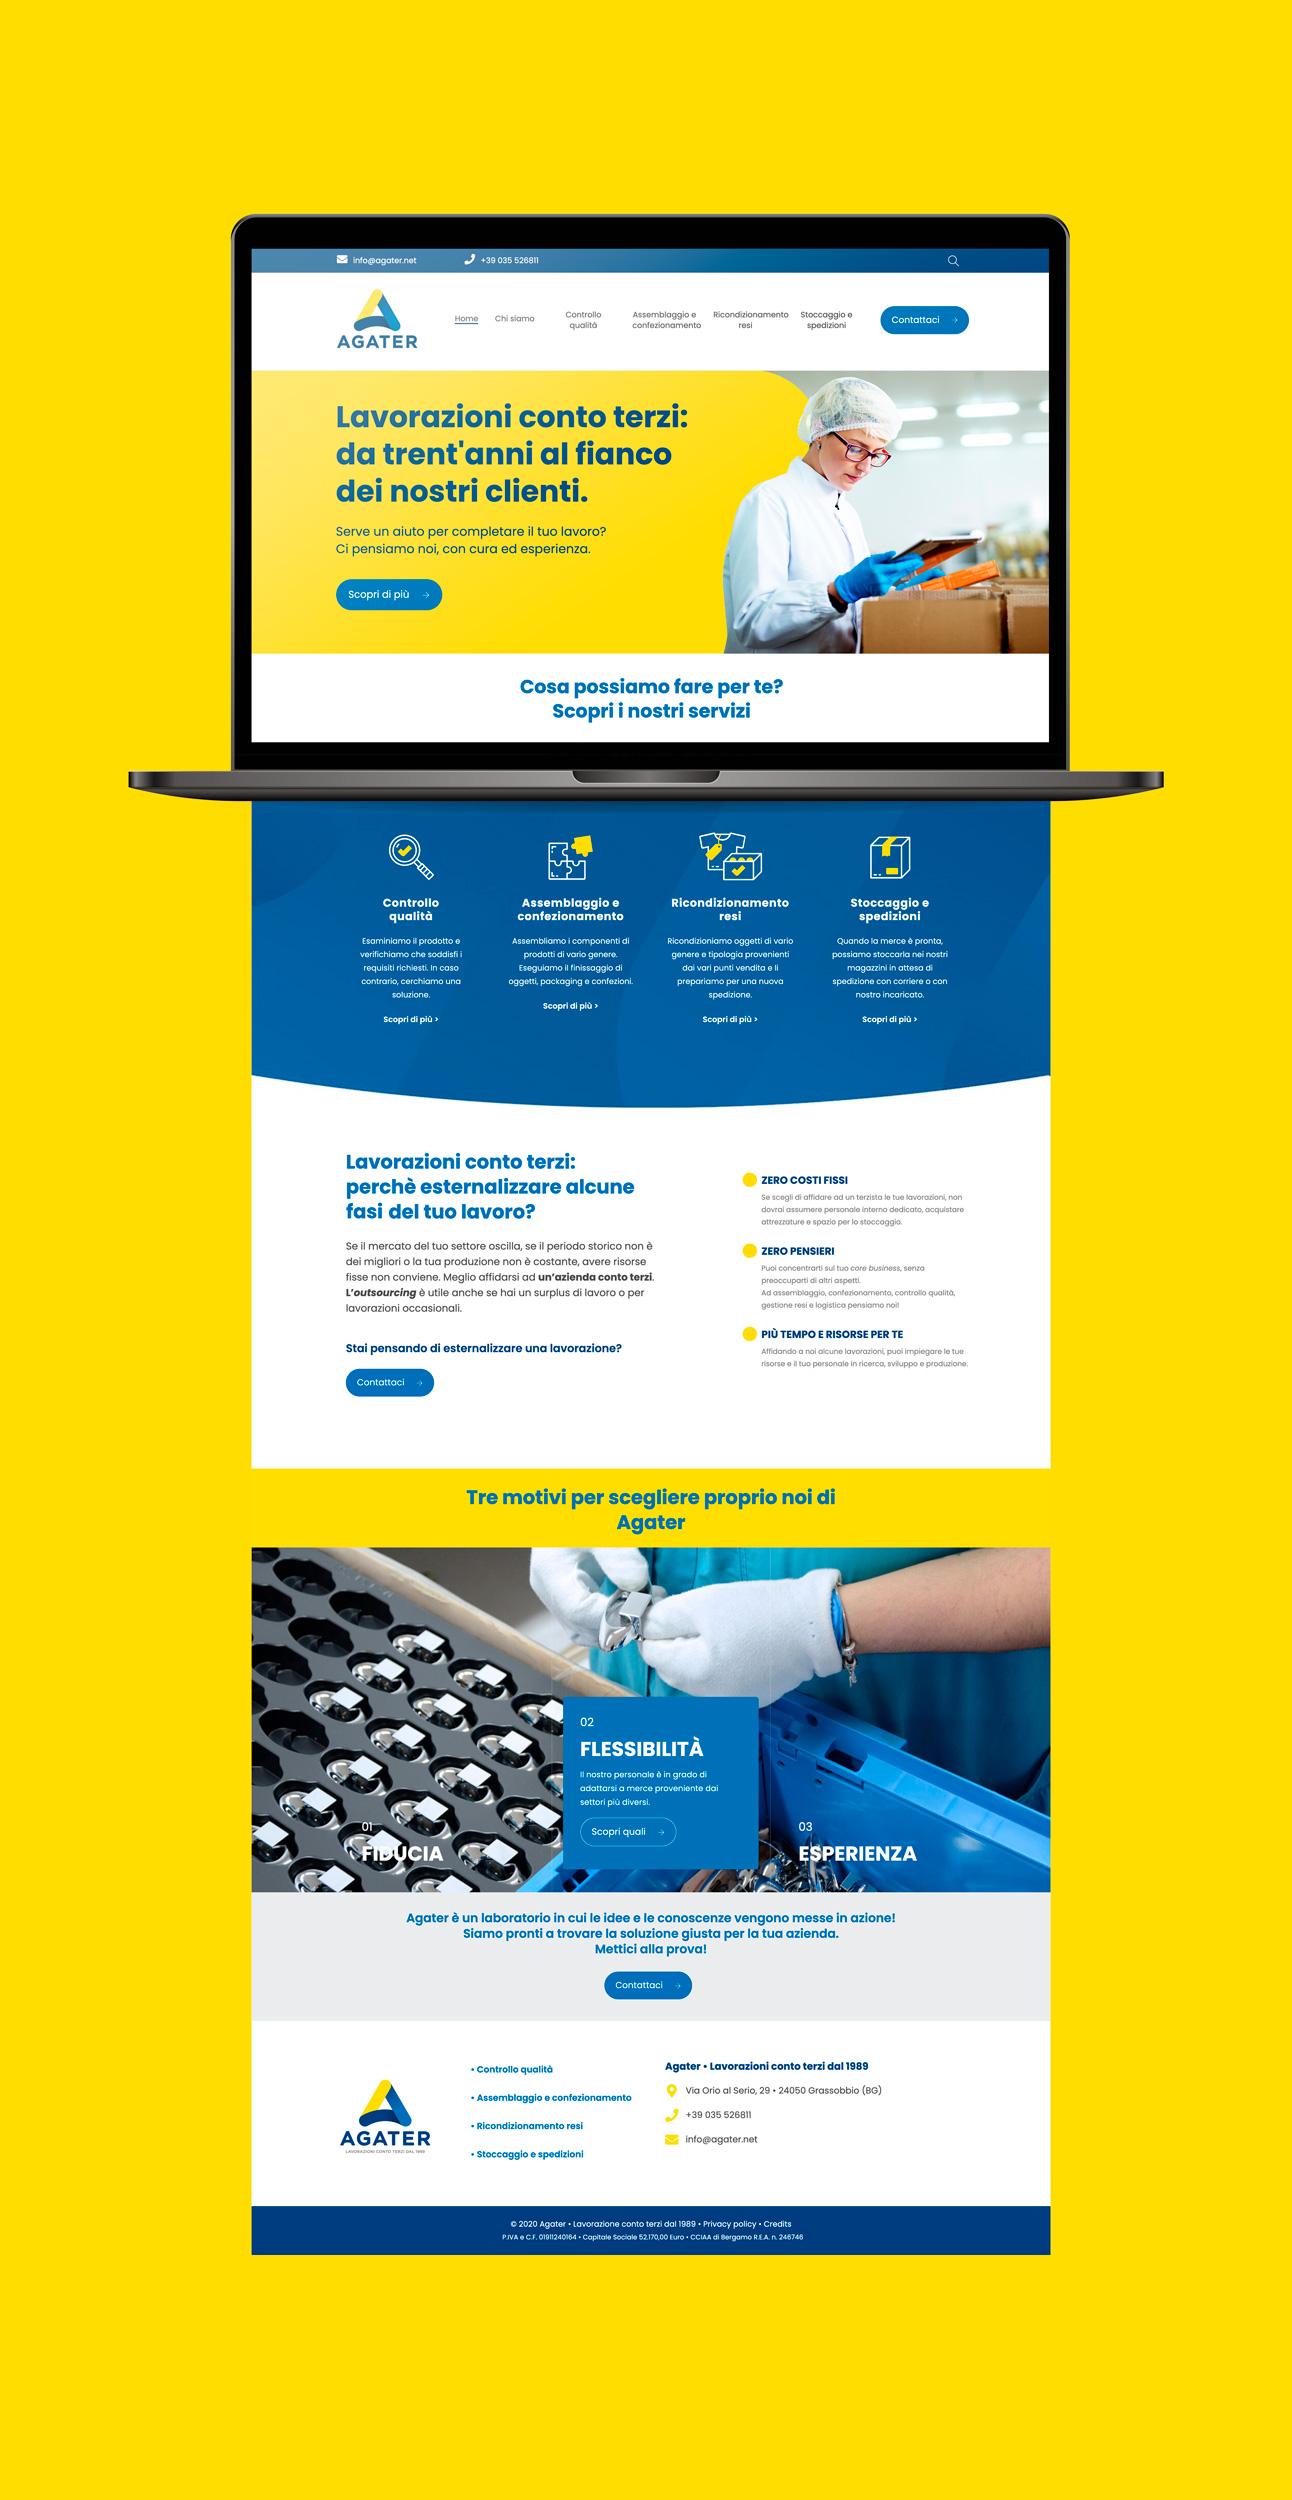 laptop che visualizza il sito di Agater